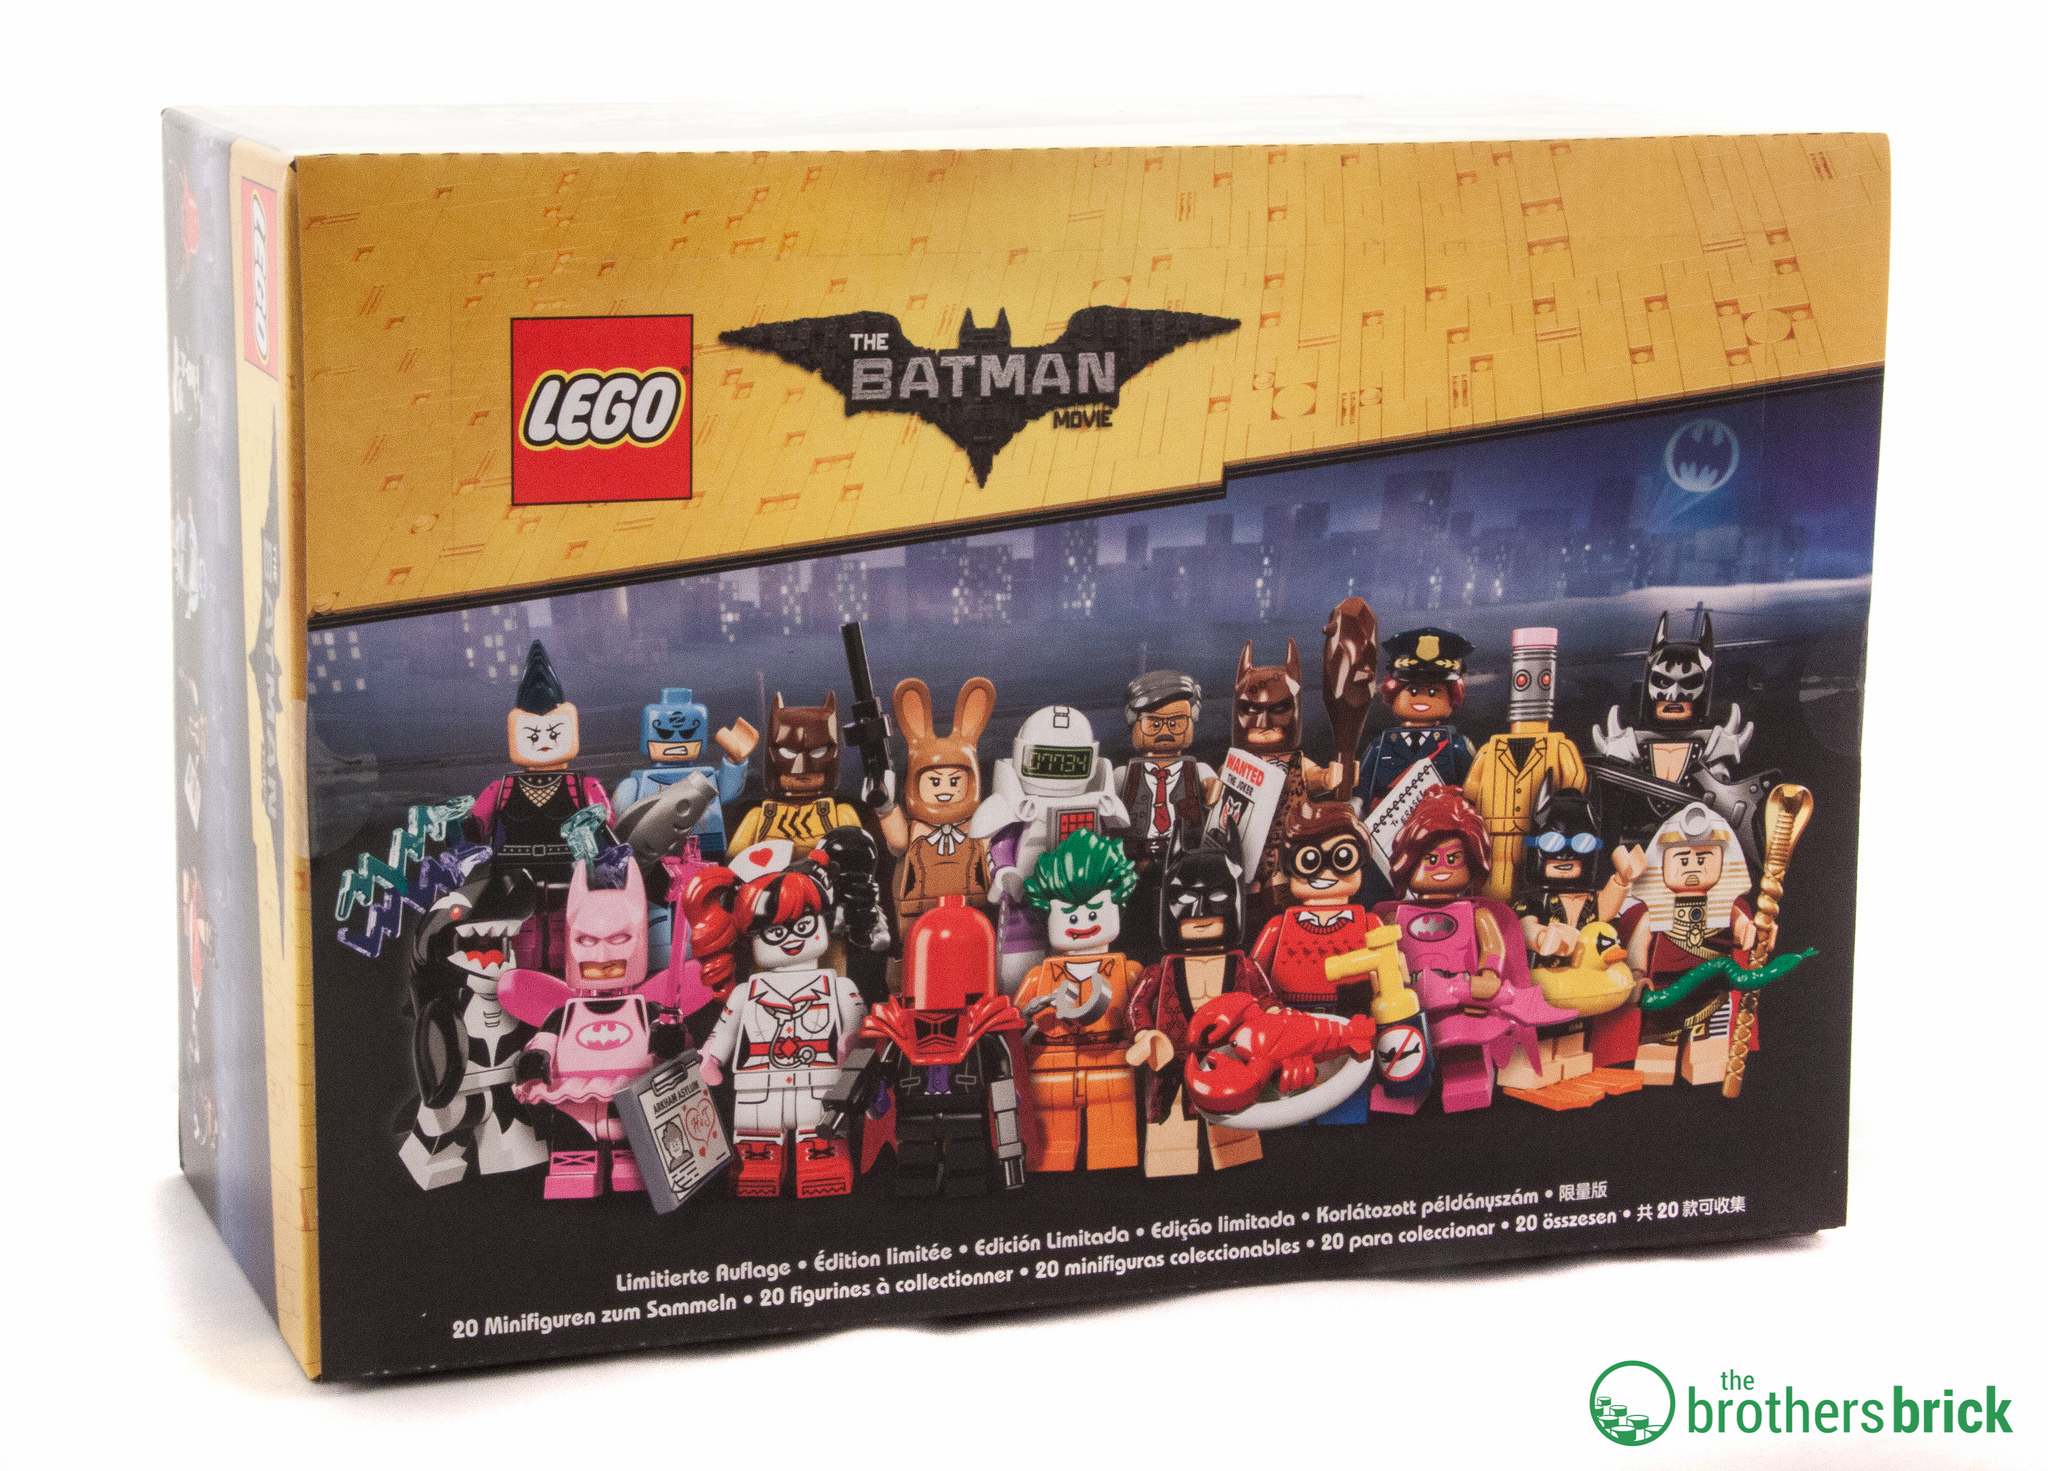 Brickfinder Lego Batman Movie Minifigure Series Box